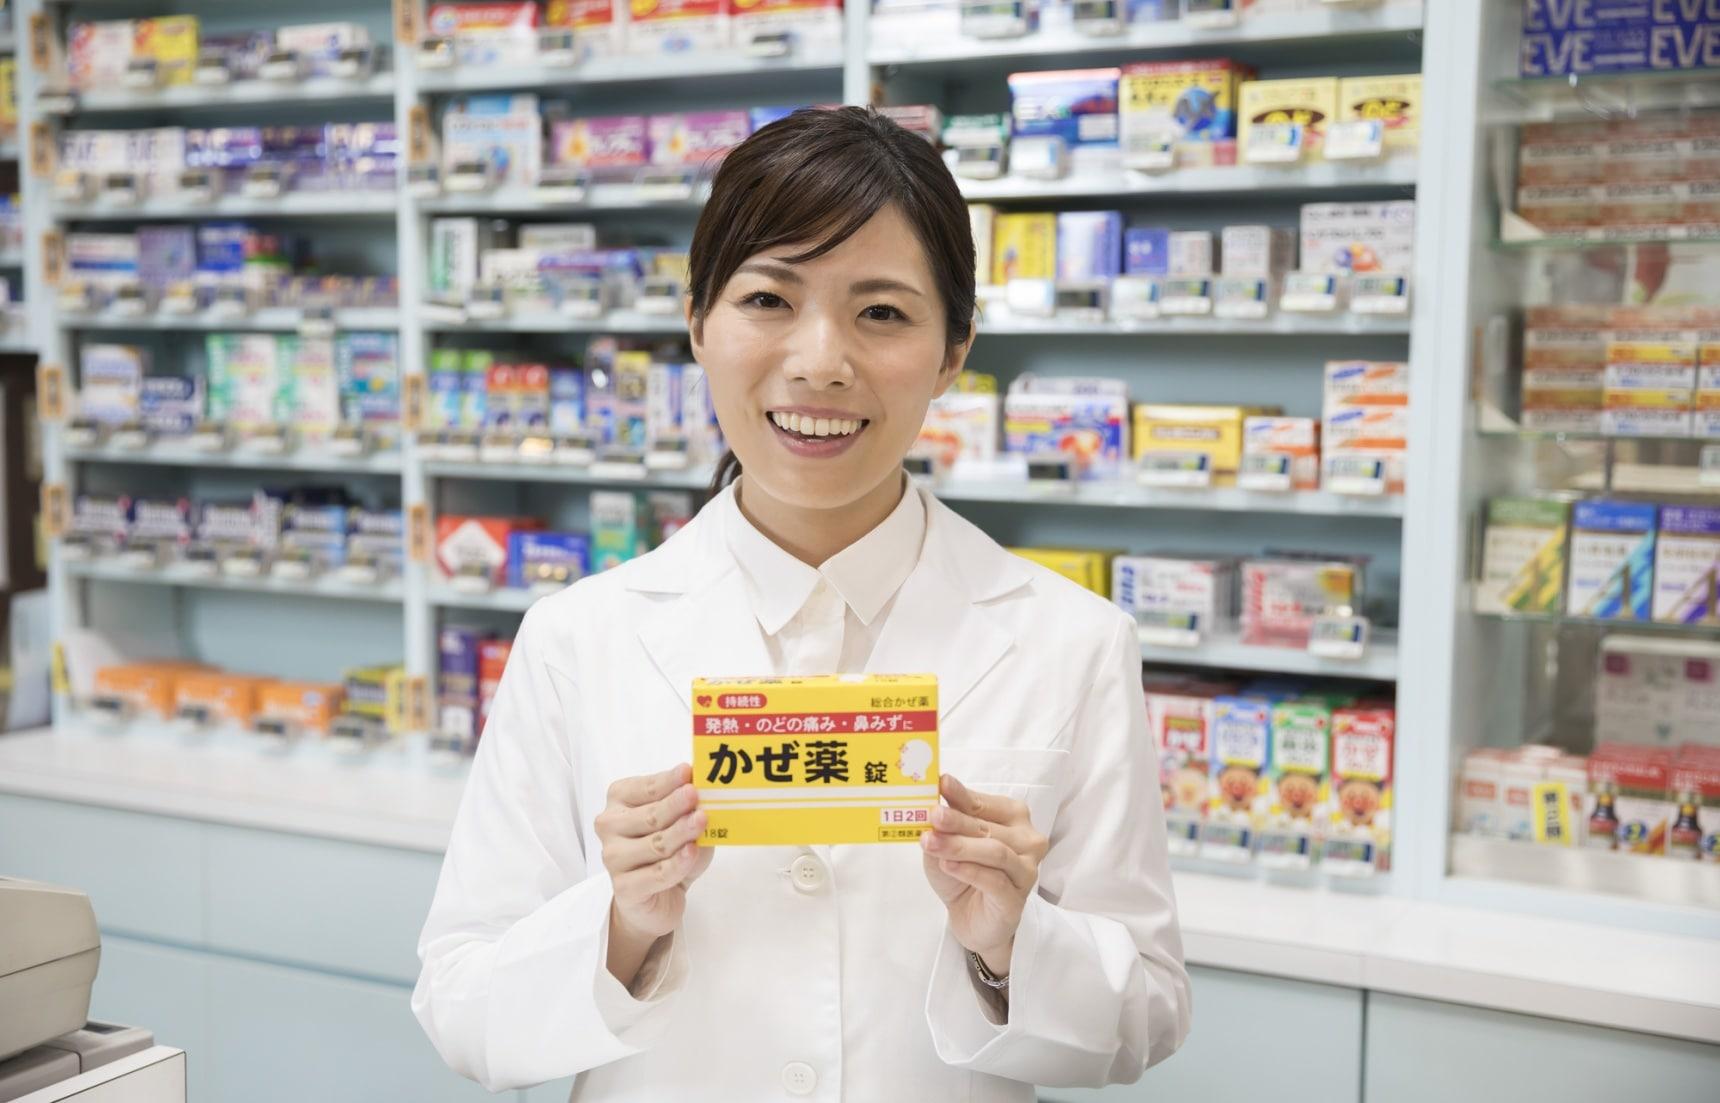 日本藥品知多少?第一類、第二類、第三類藥品傻傻分不清楚嗎?